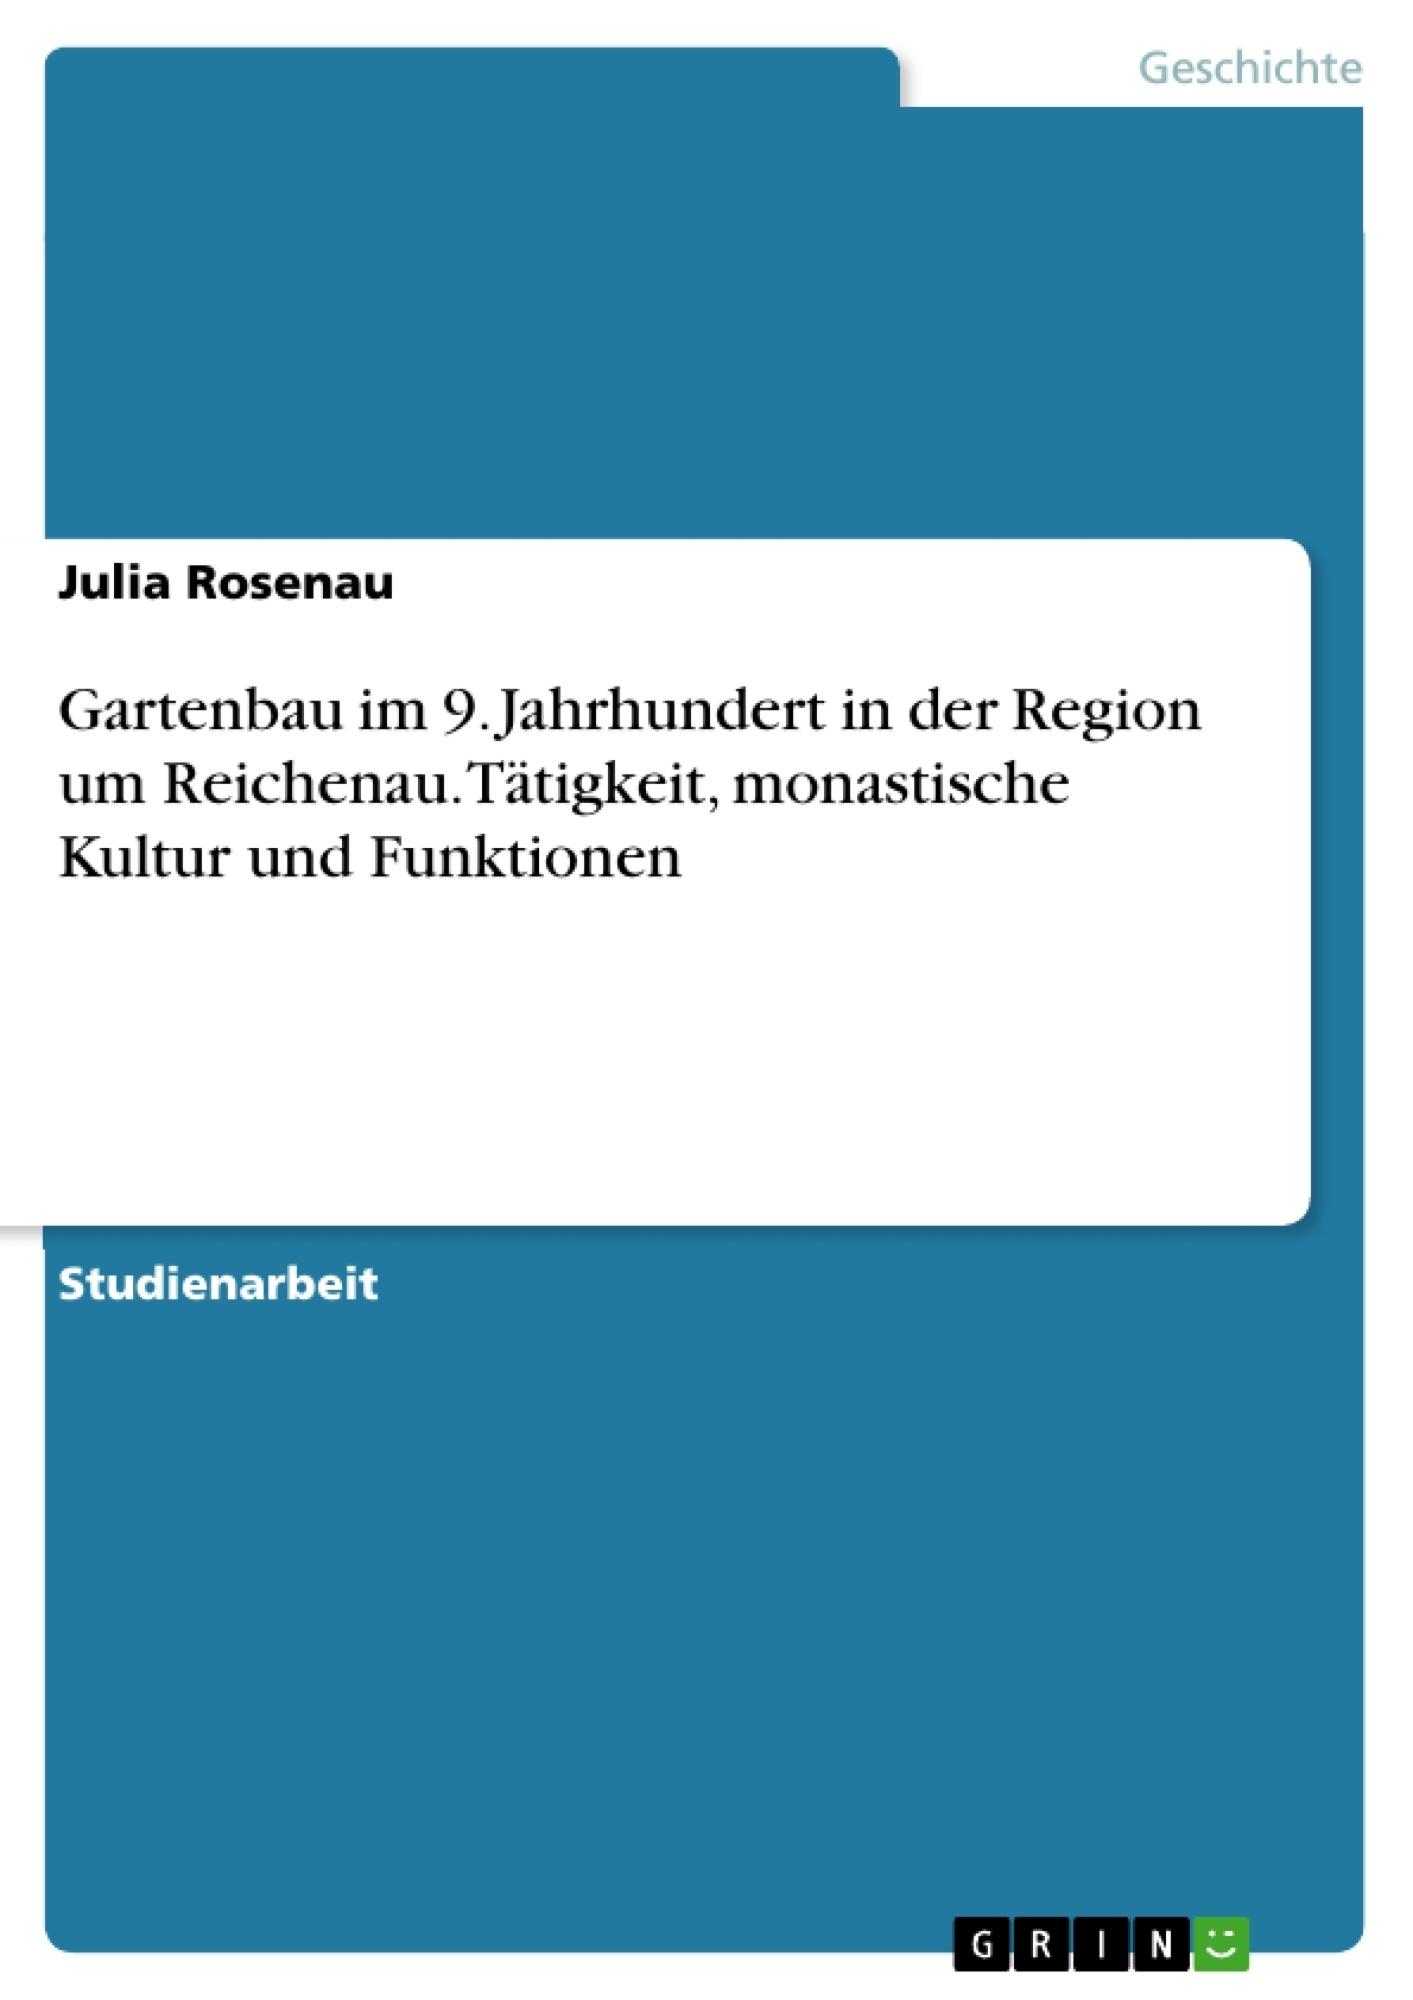 Titel: Gartenbau im 9. Jahrhundert in der Region um Reichenau. Tätigkeit, monastische Kultur und Funktionen